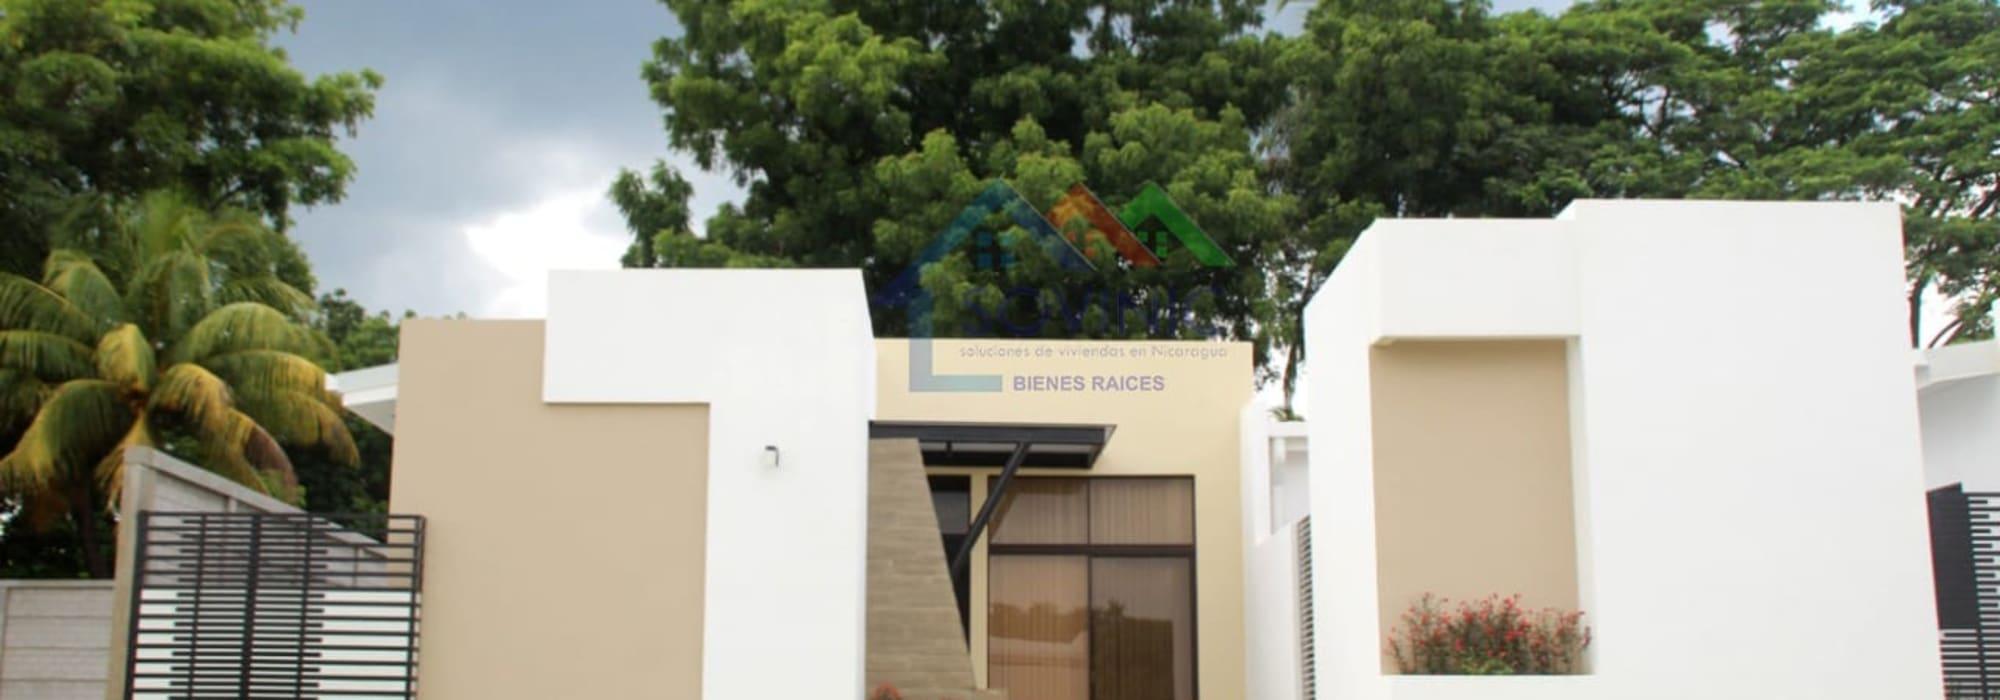 Casas nuevas en km 12.5 carretera Masaya